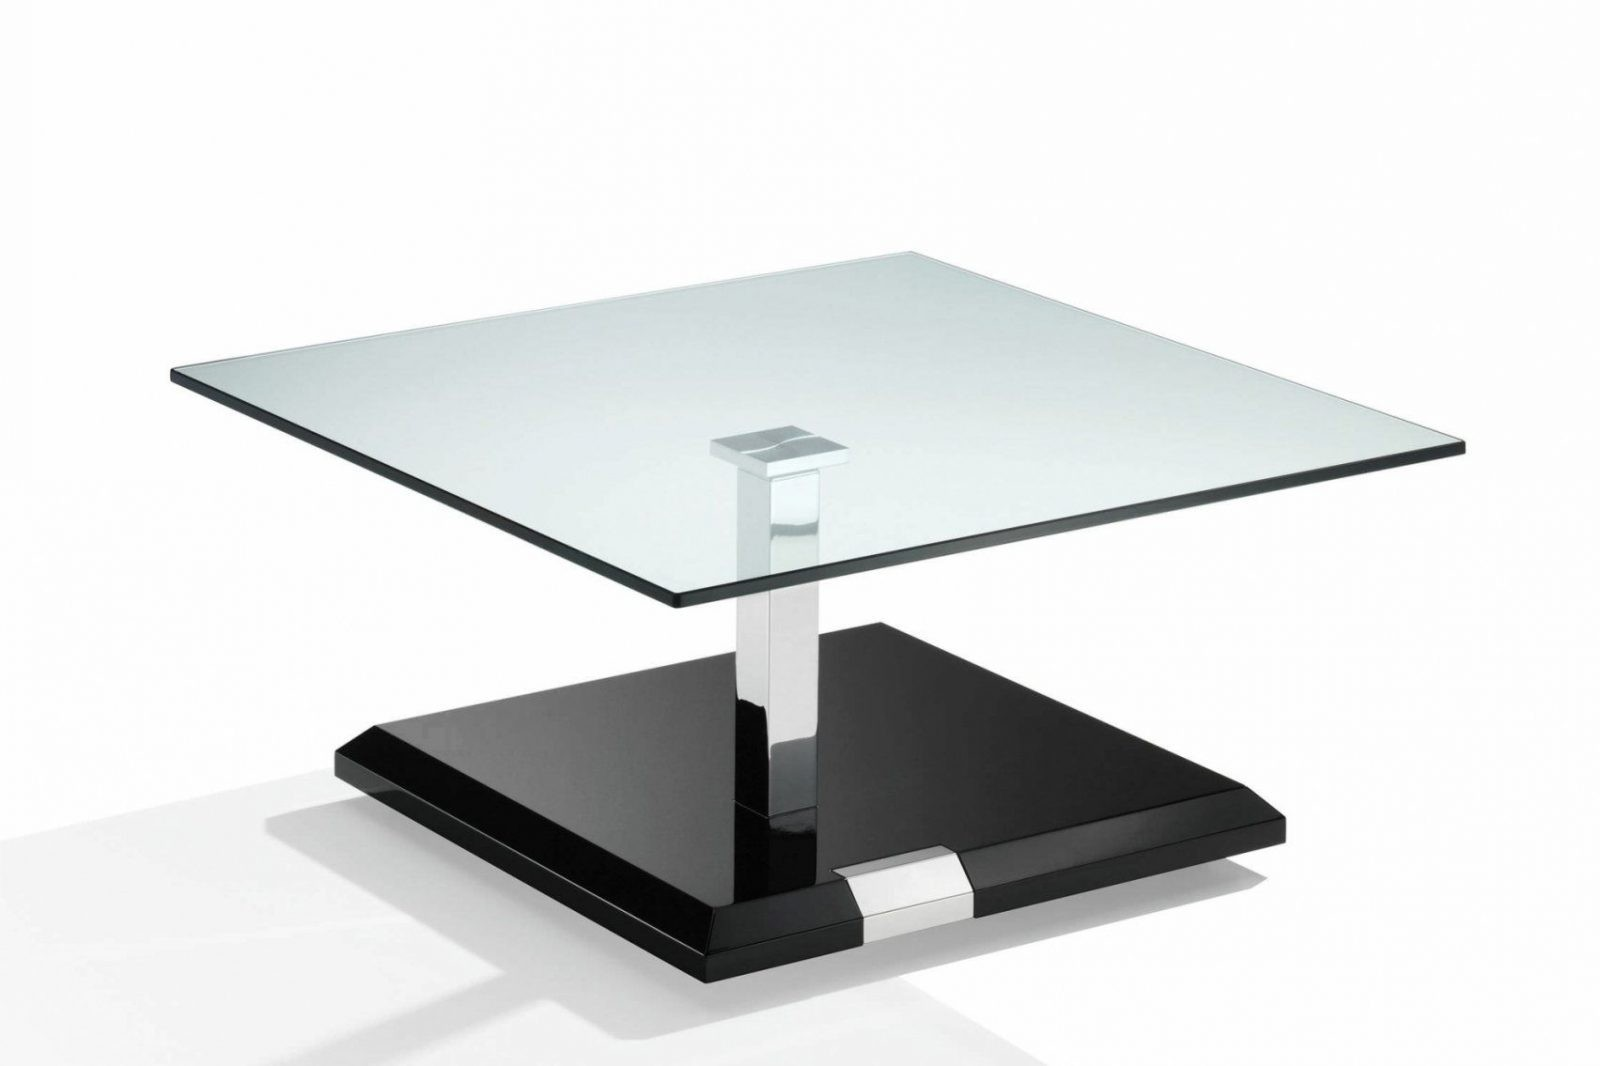 Schöne Couchtisch Höhenverstellbar Ausziehbar Glas Ikea Design Von